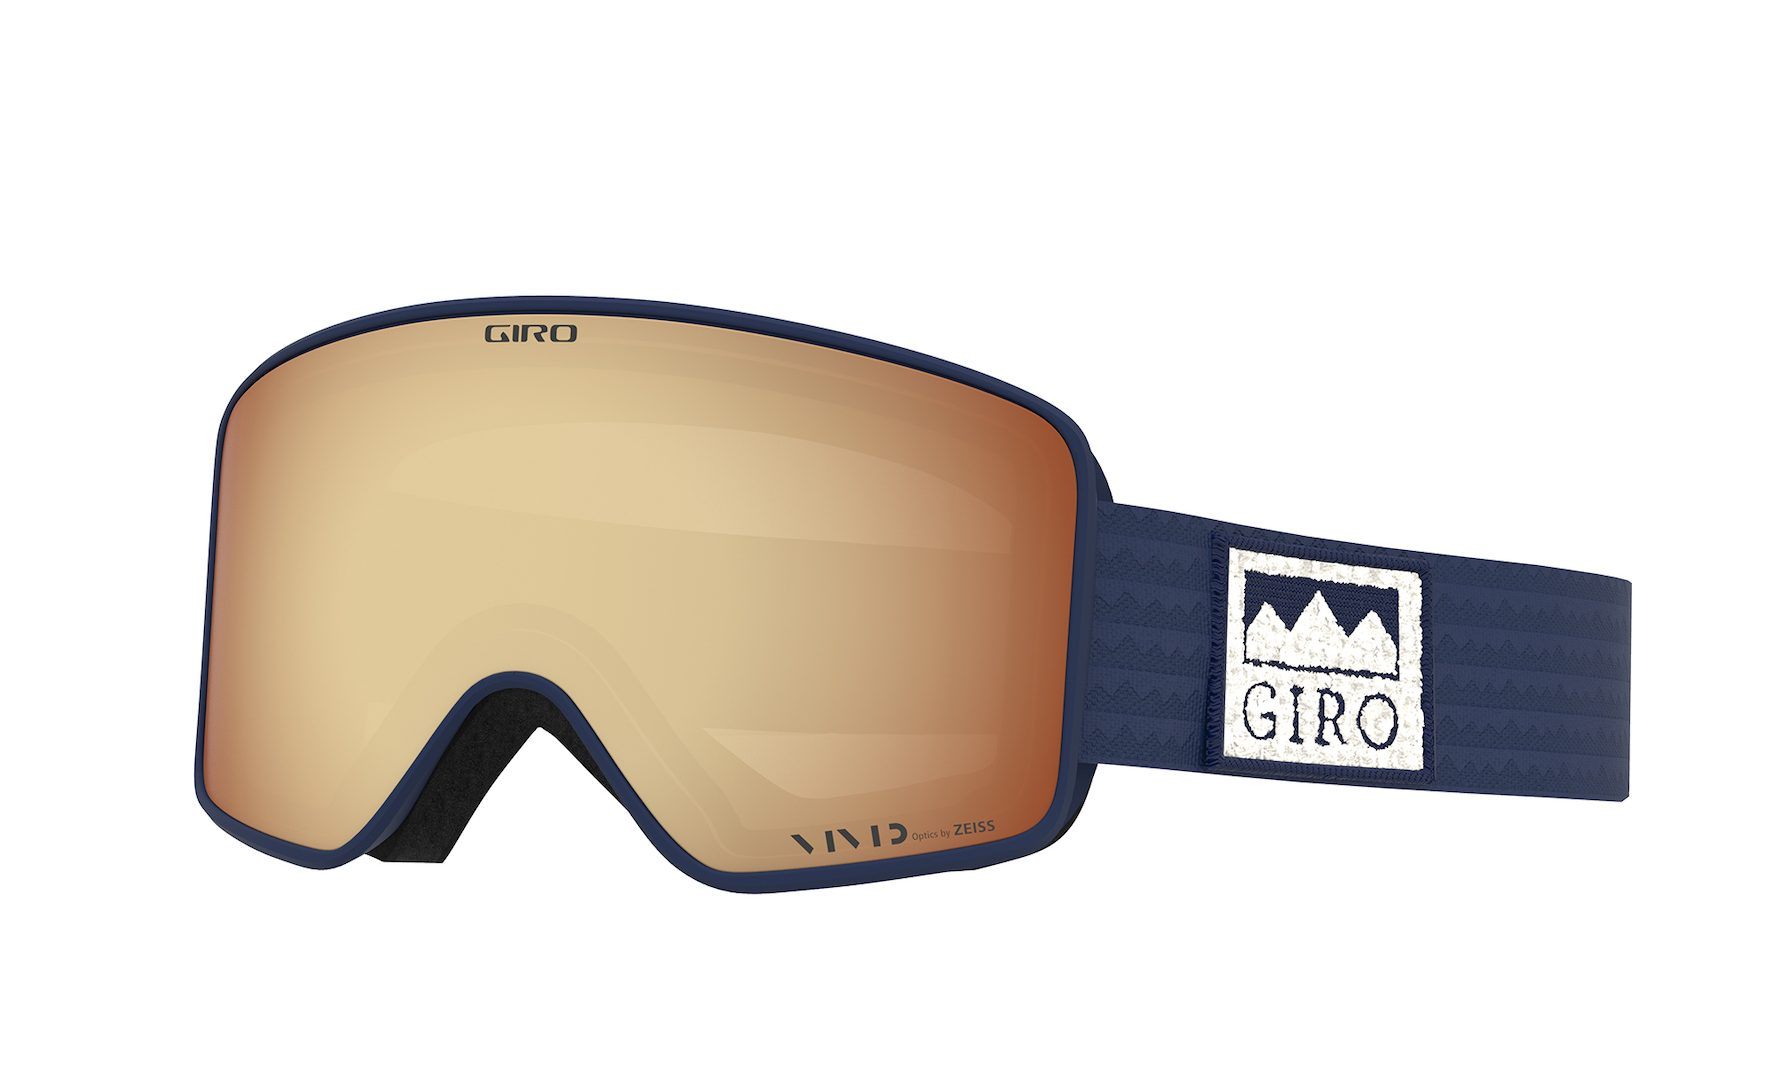 Giro FW20/21 Goggles